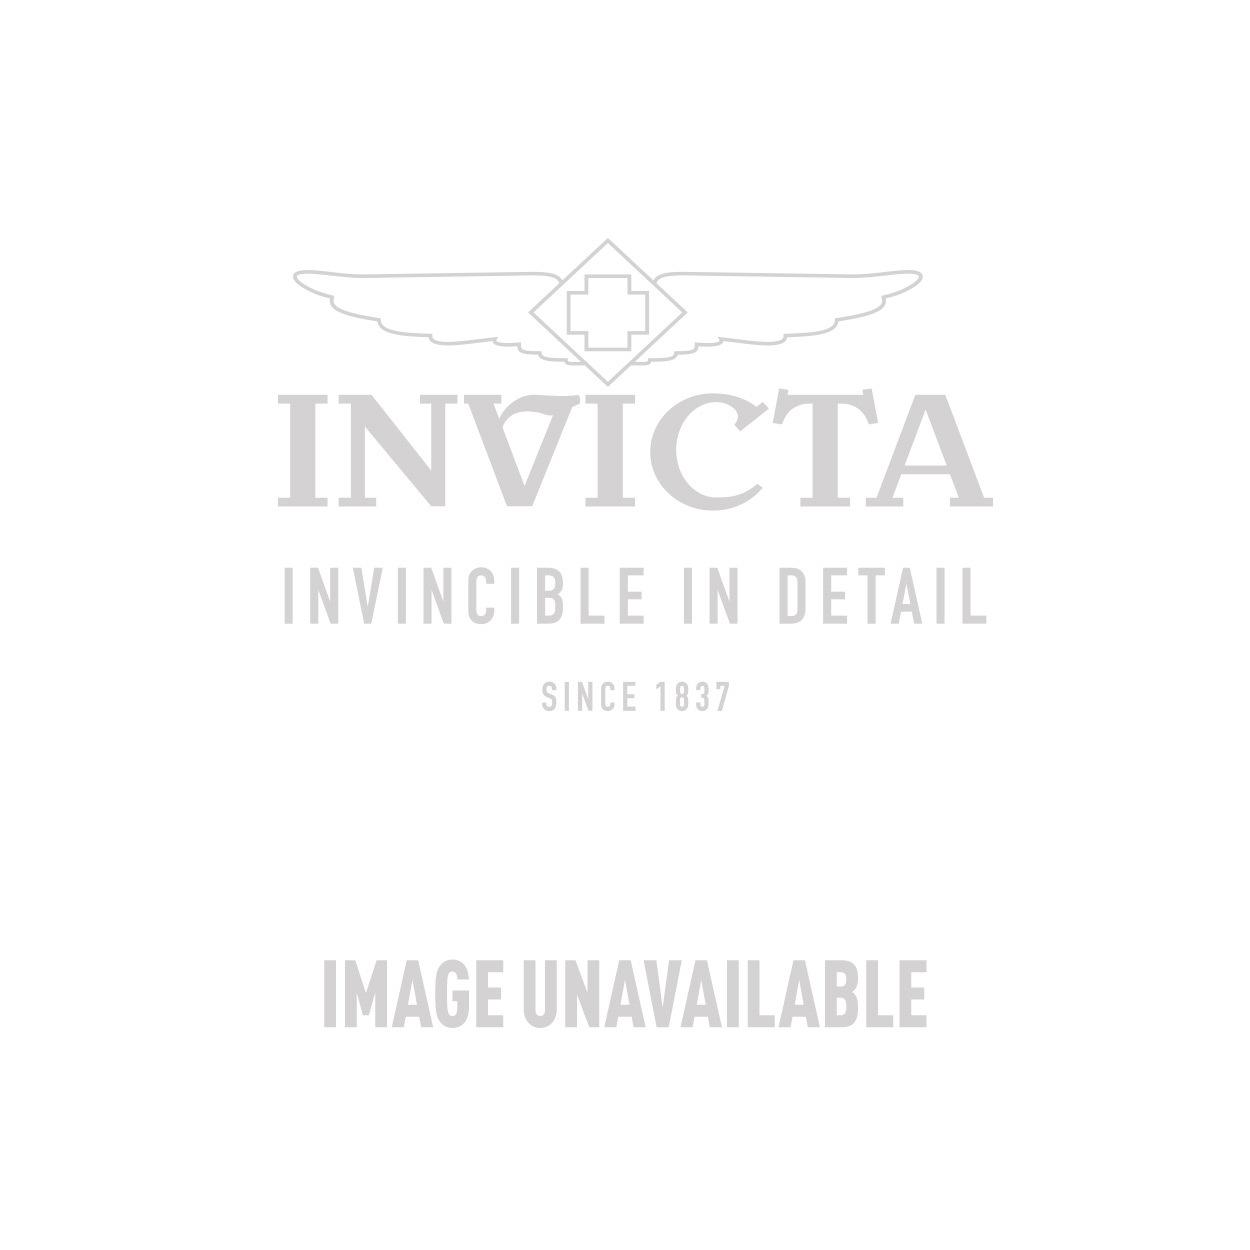 Invicta Model 25163